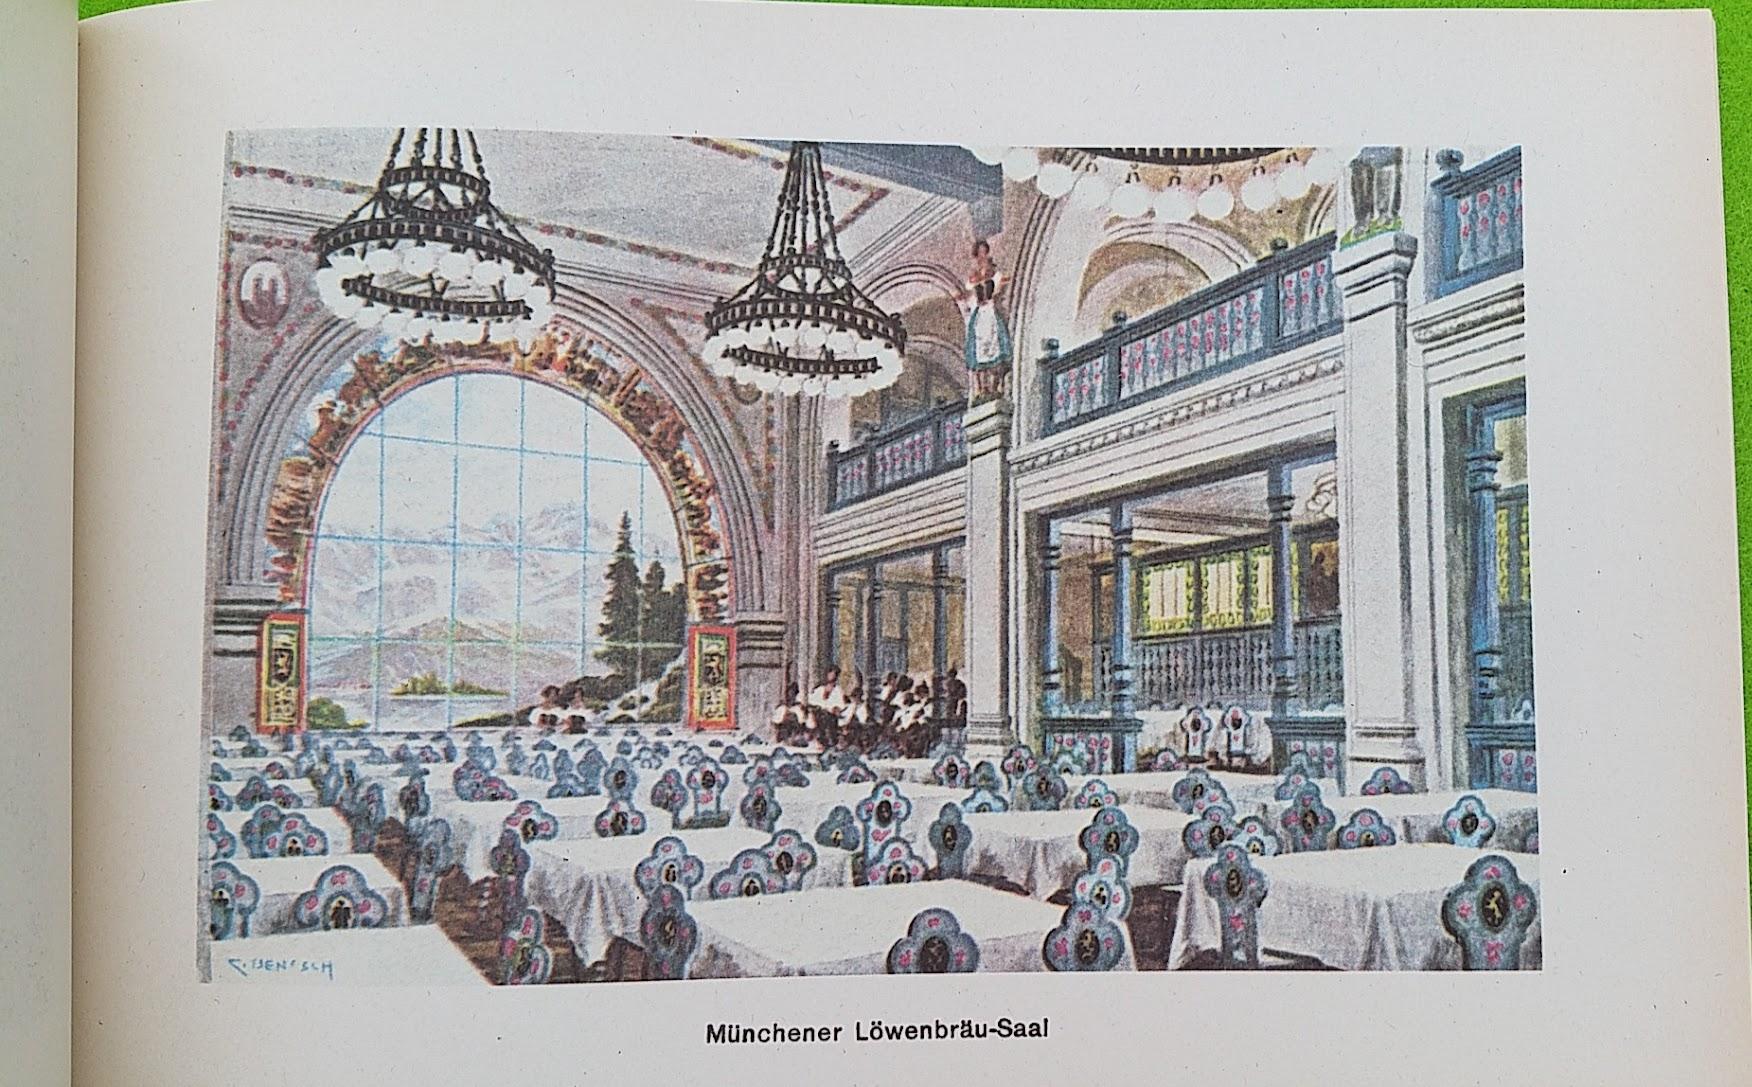 Begleitheft zur Eröffnung von Haus Vaterland am Potsdamer Platz, Berlin, 31. August 1928 - Münchener Löwenbräu-Saal